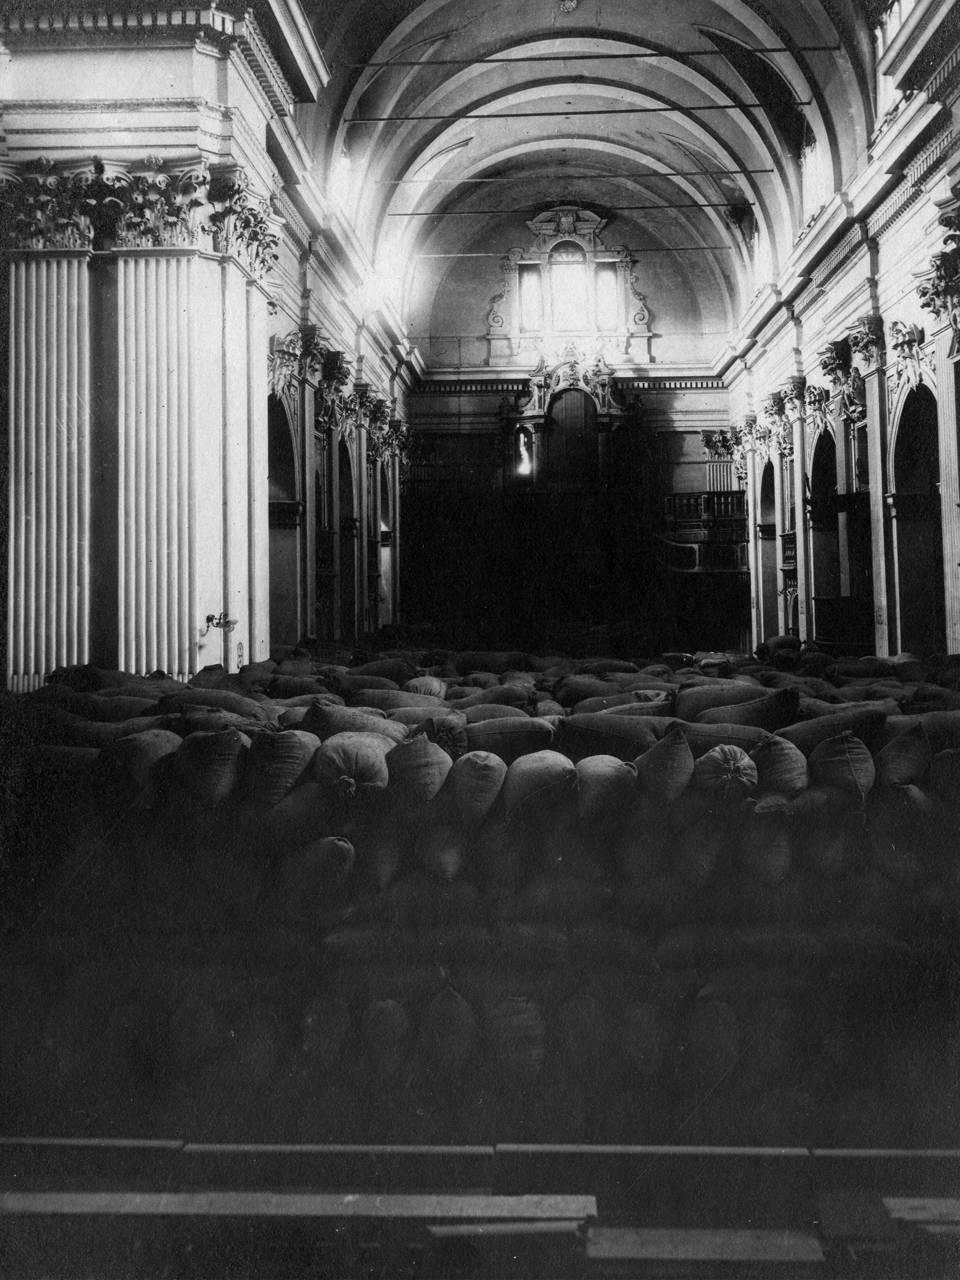 interno della chiesa di san giorgio in via farini con ammassati i sacchi di grano